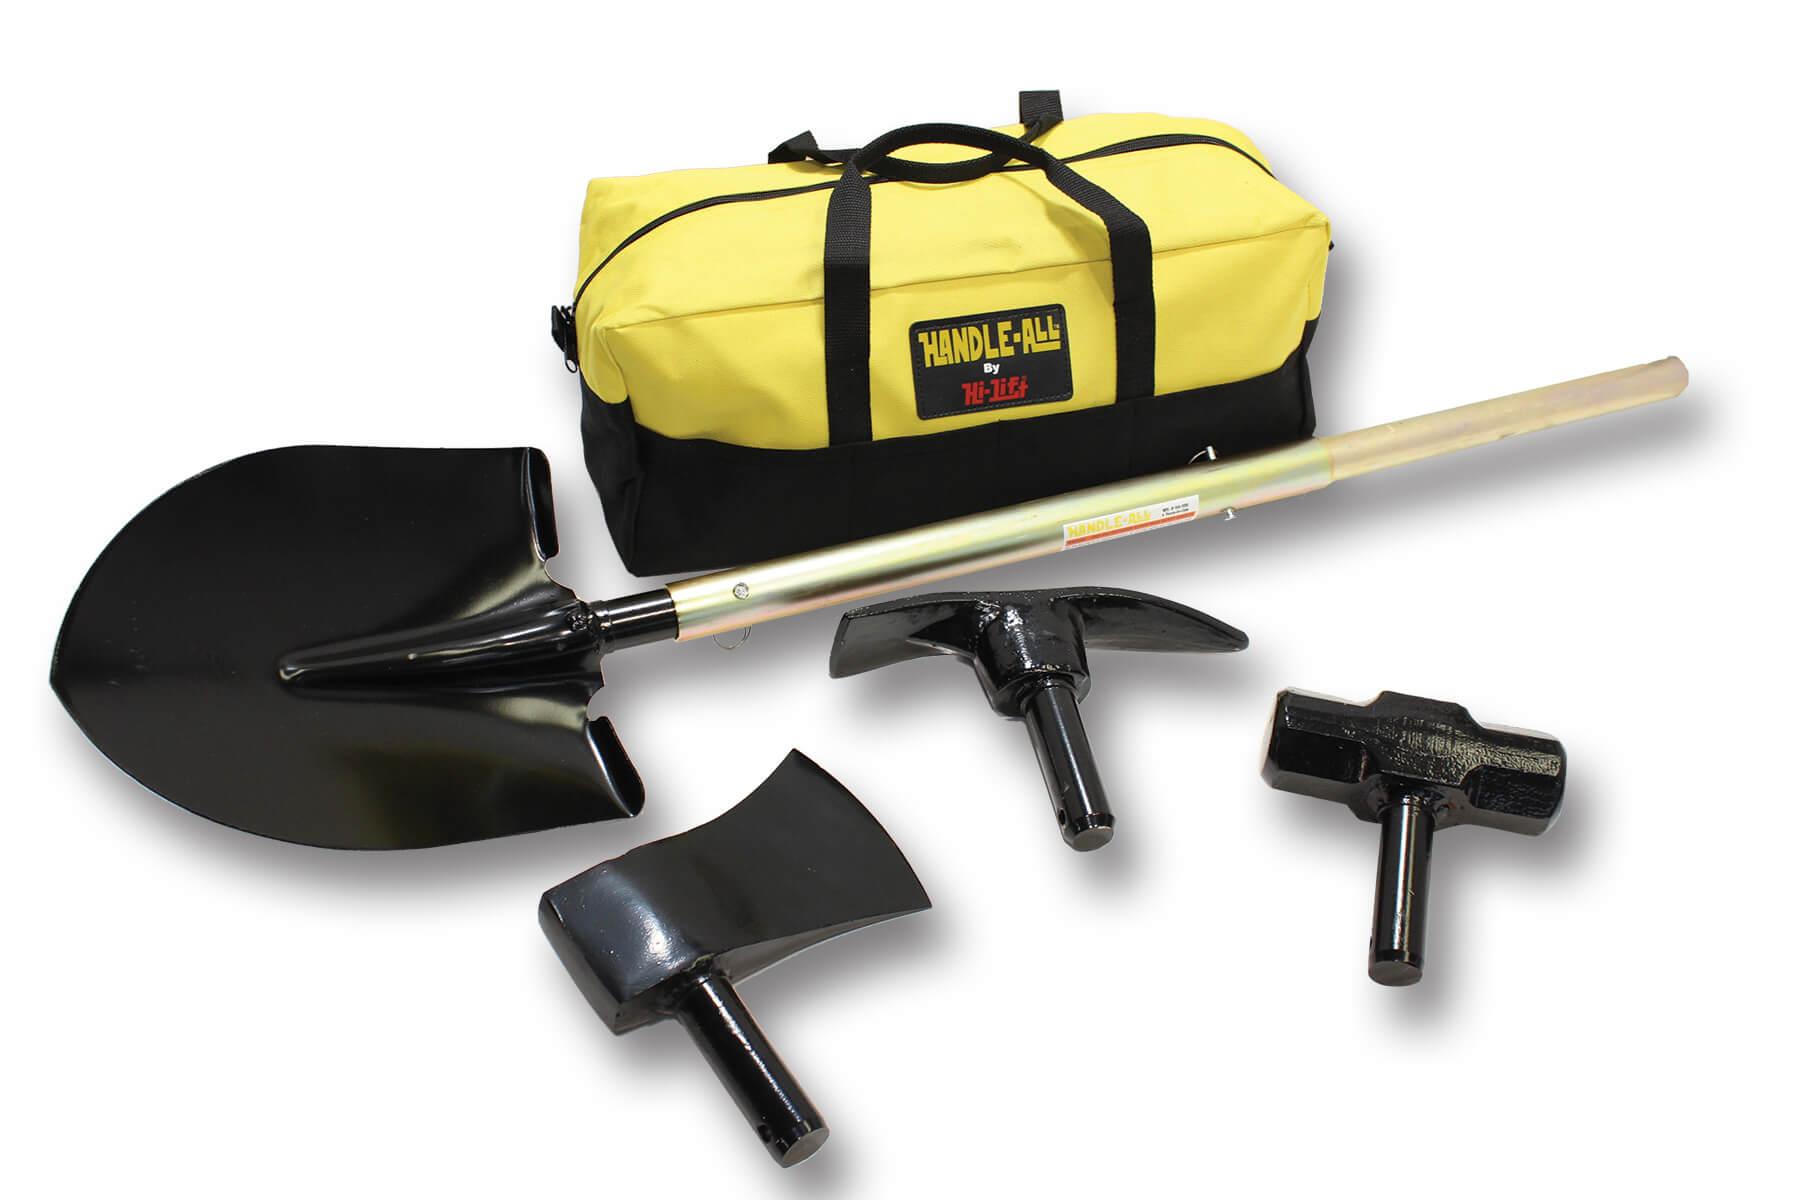 Handle-All Multi-Purpose Tool